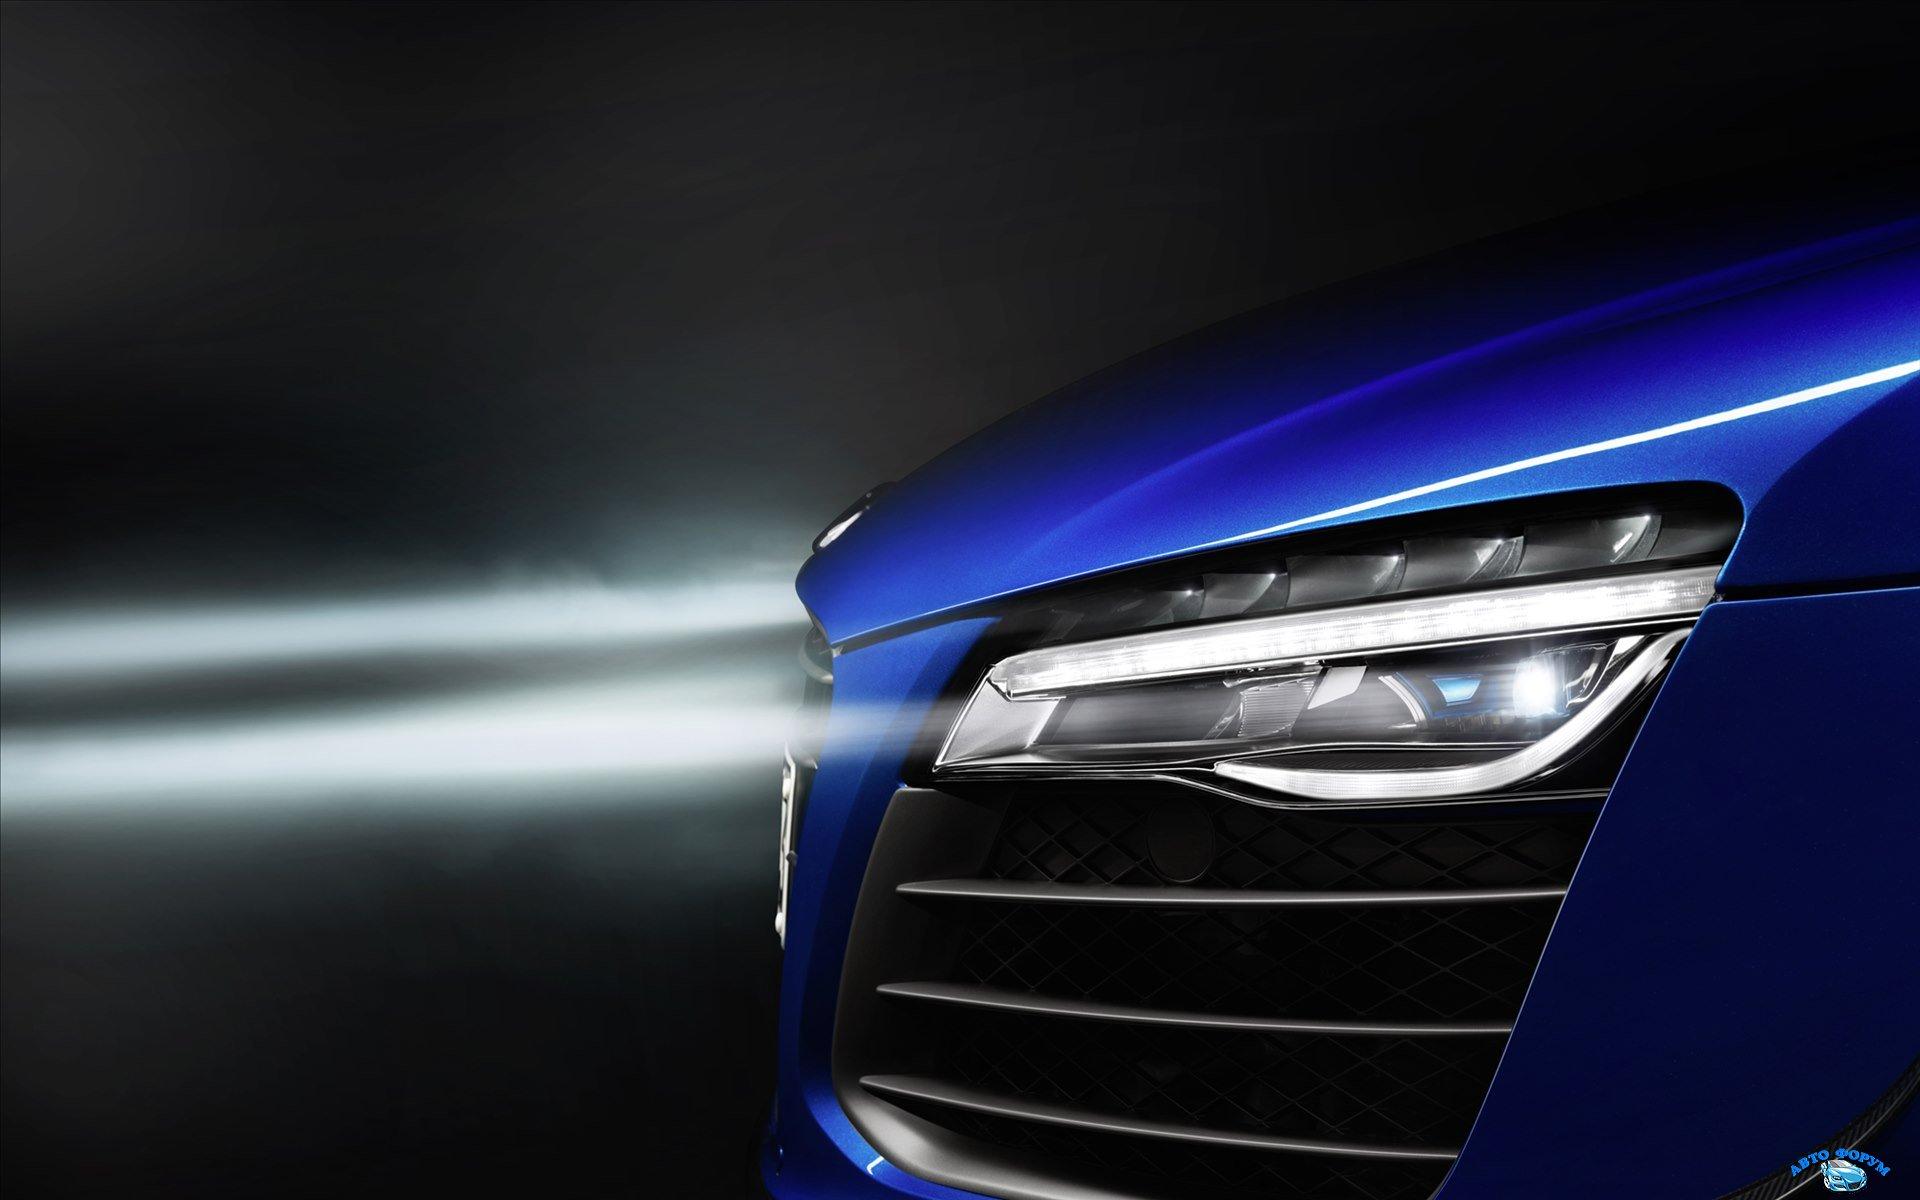 Audi-R8-LMX-2015-widescreen-08.jpg